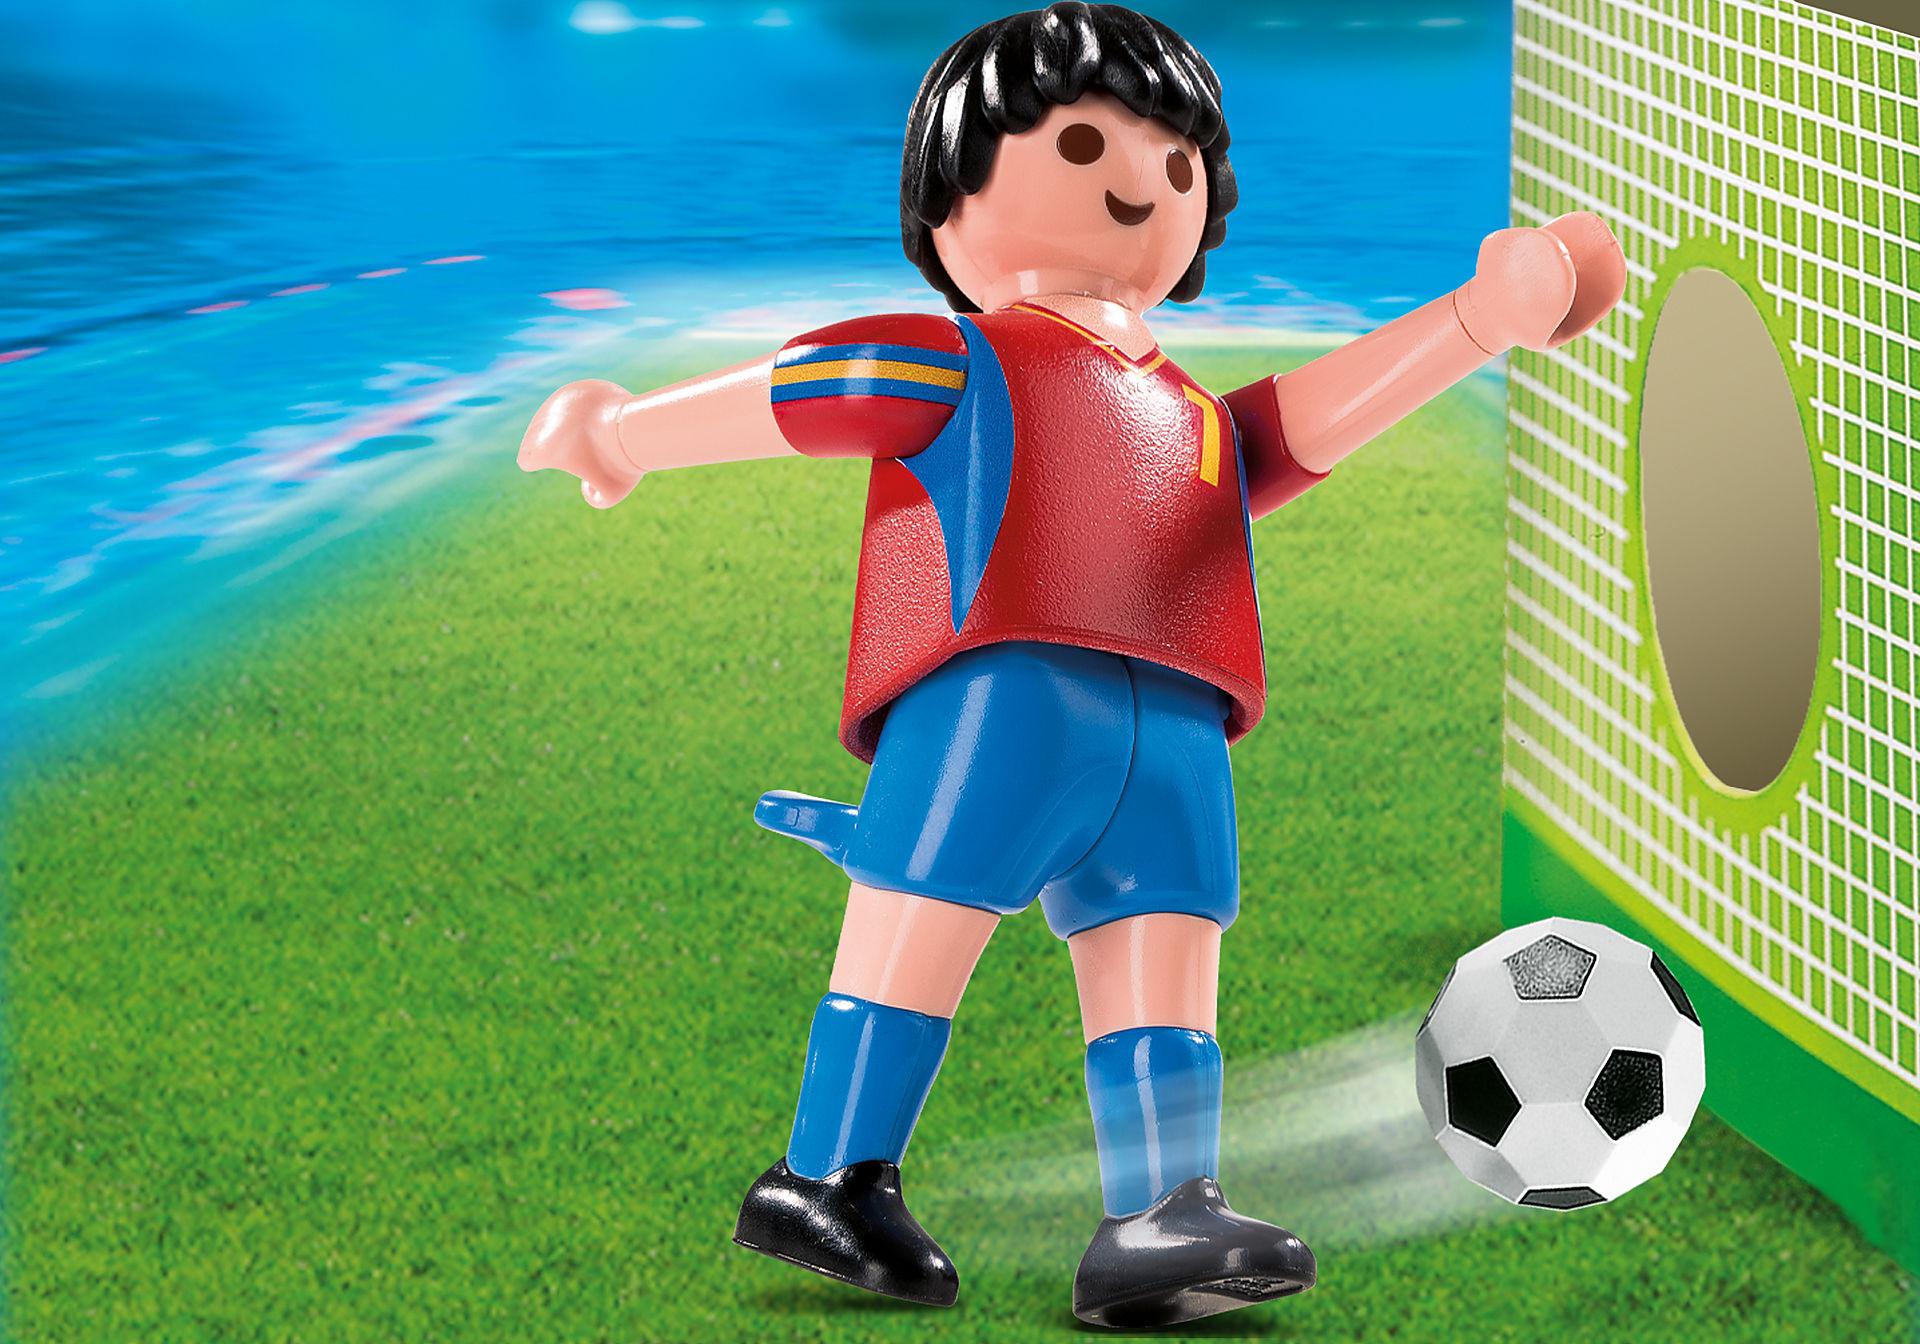 4730-A Fußballspieler Spanien zoom image1